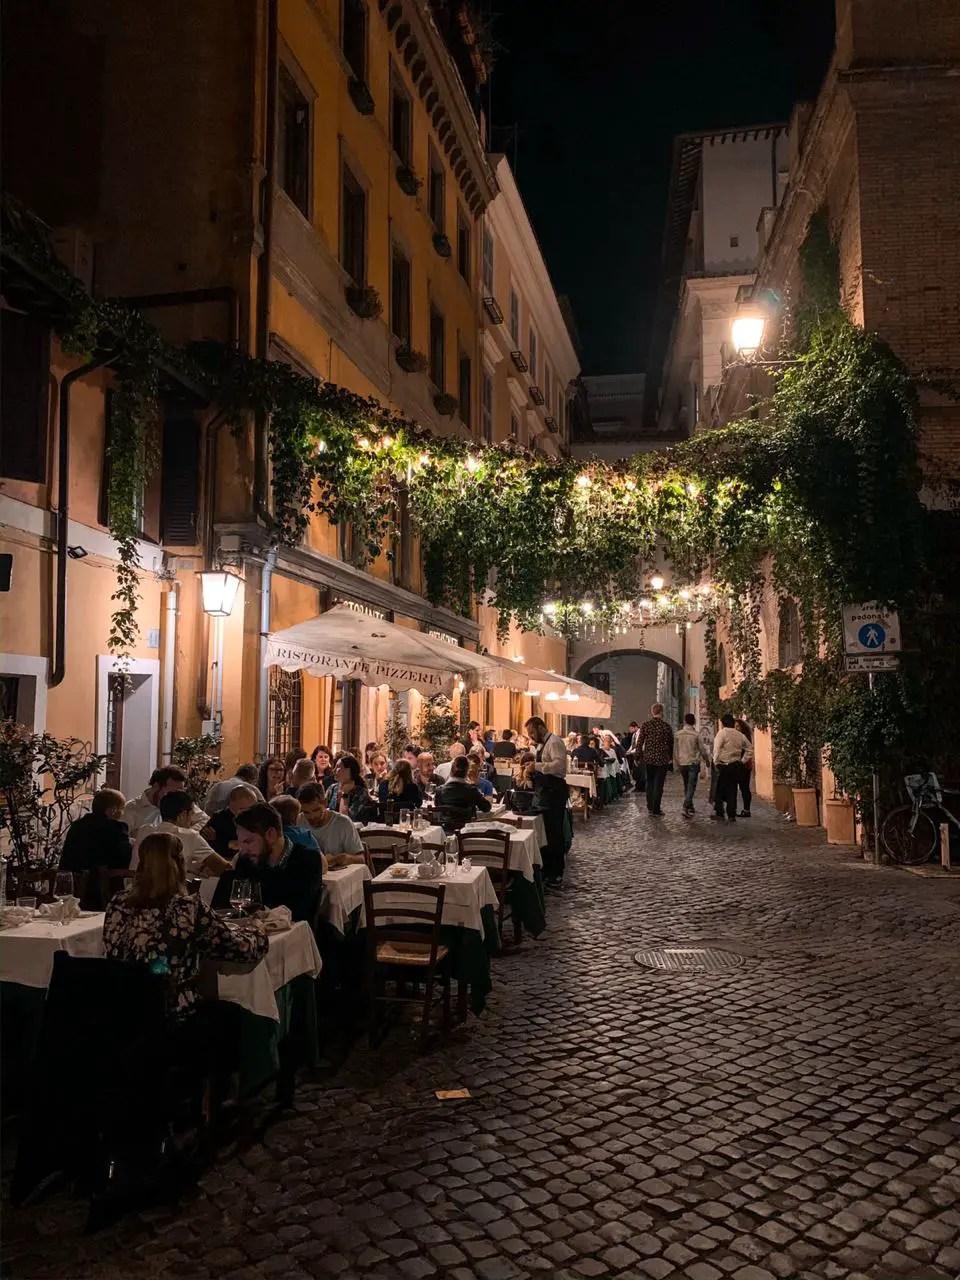 Restaurante con lamparas en Trastevere